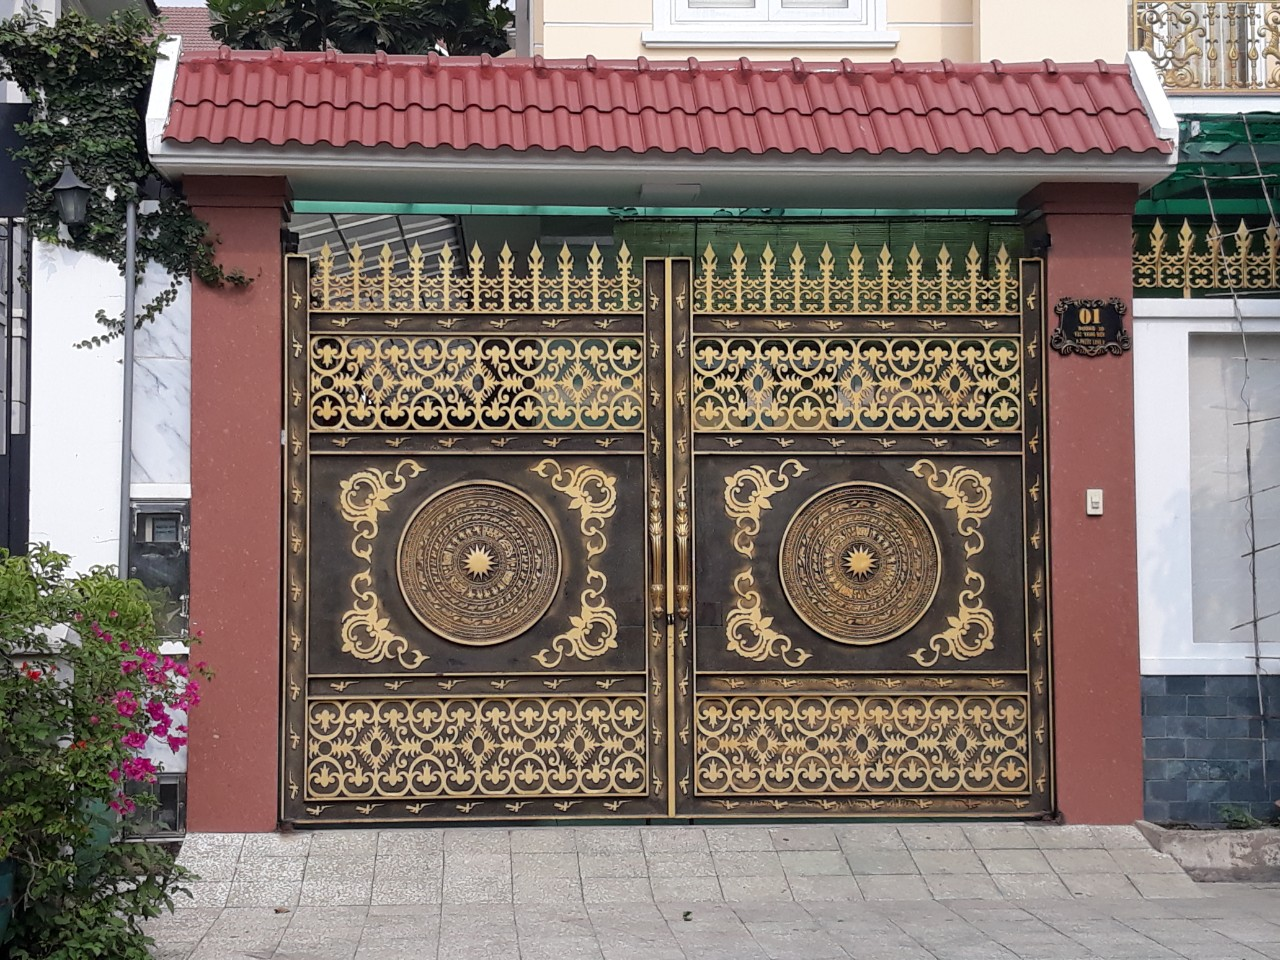 giữ cổng sắt nghệ thuật luôn mới